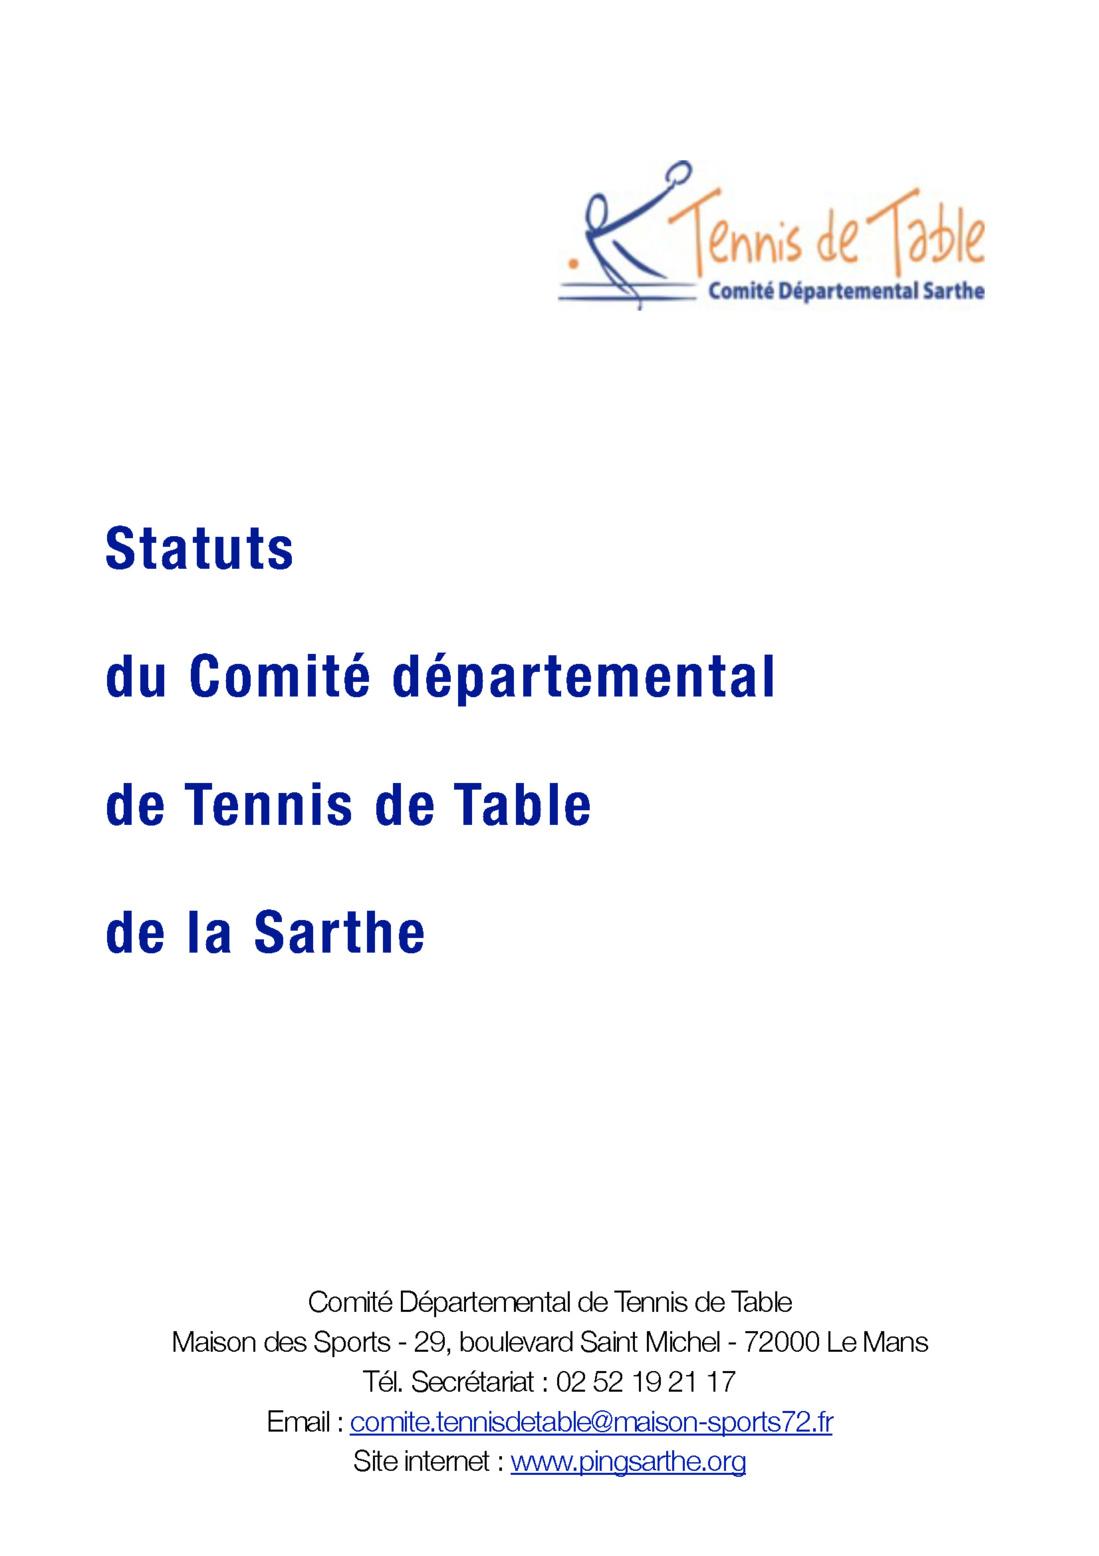 Statuts du comit d partemental - Comite charente tennis de table ...